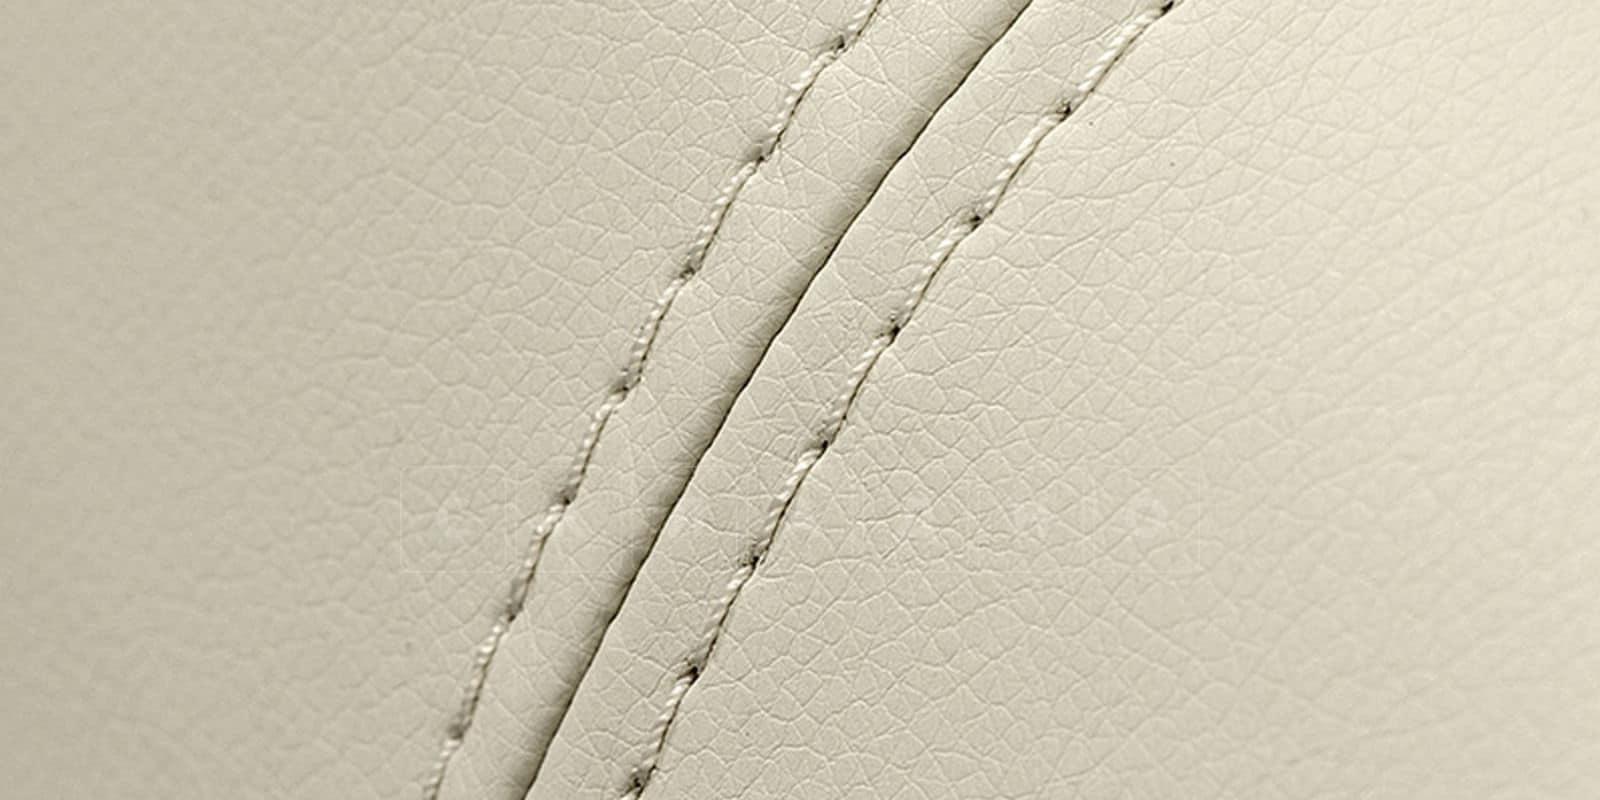 Мягкая кровать Вирджиния 160см экокожа молочного цвета фото 9 | интернет-магазин Складно